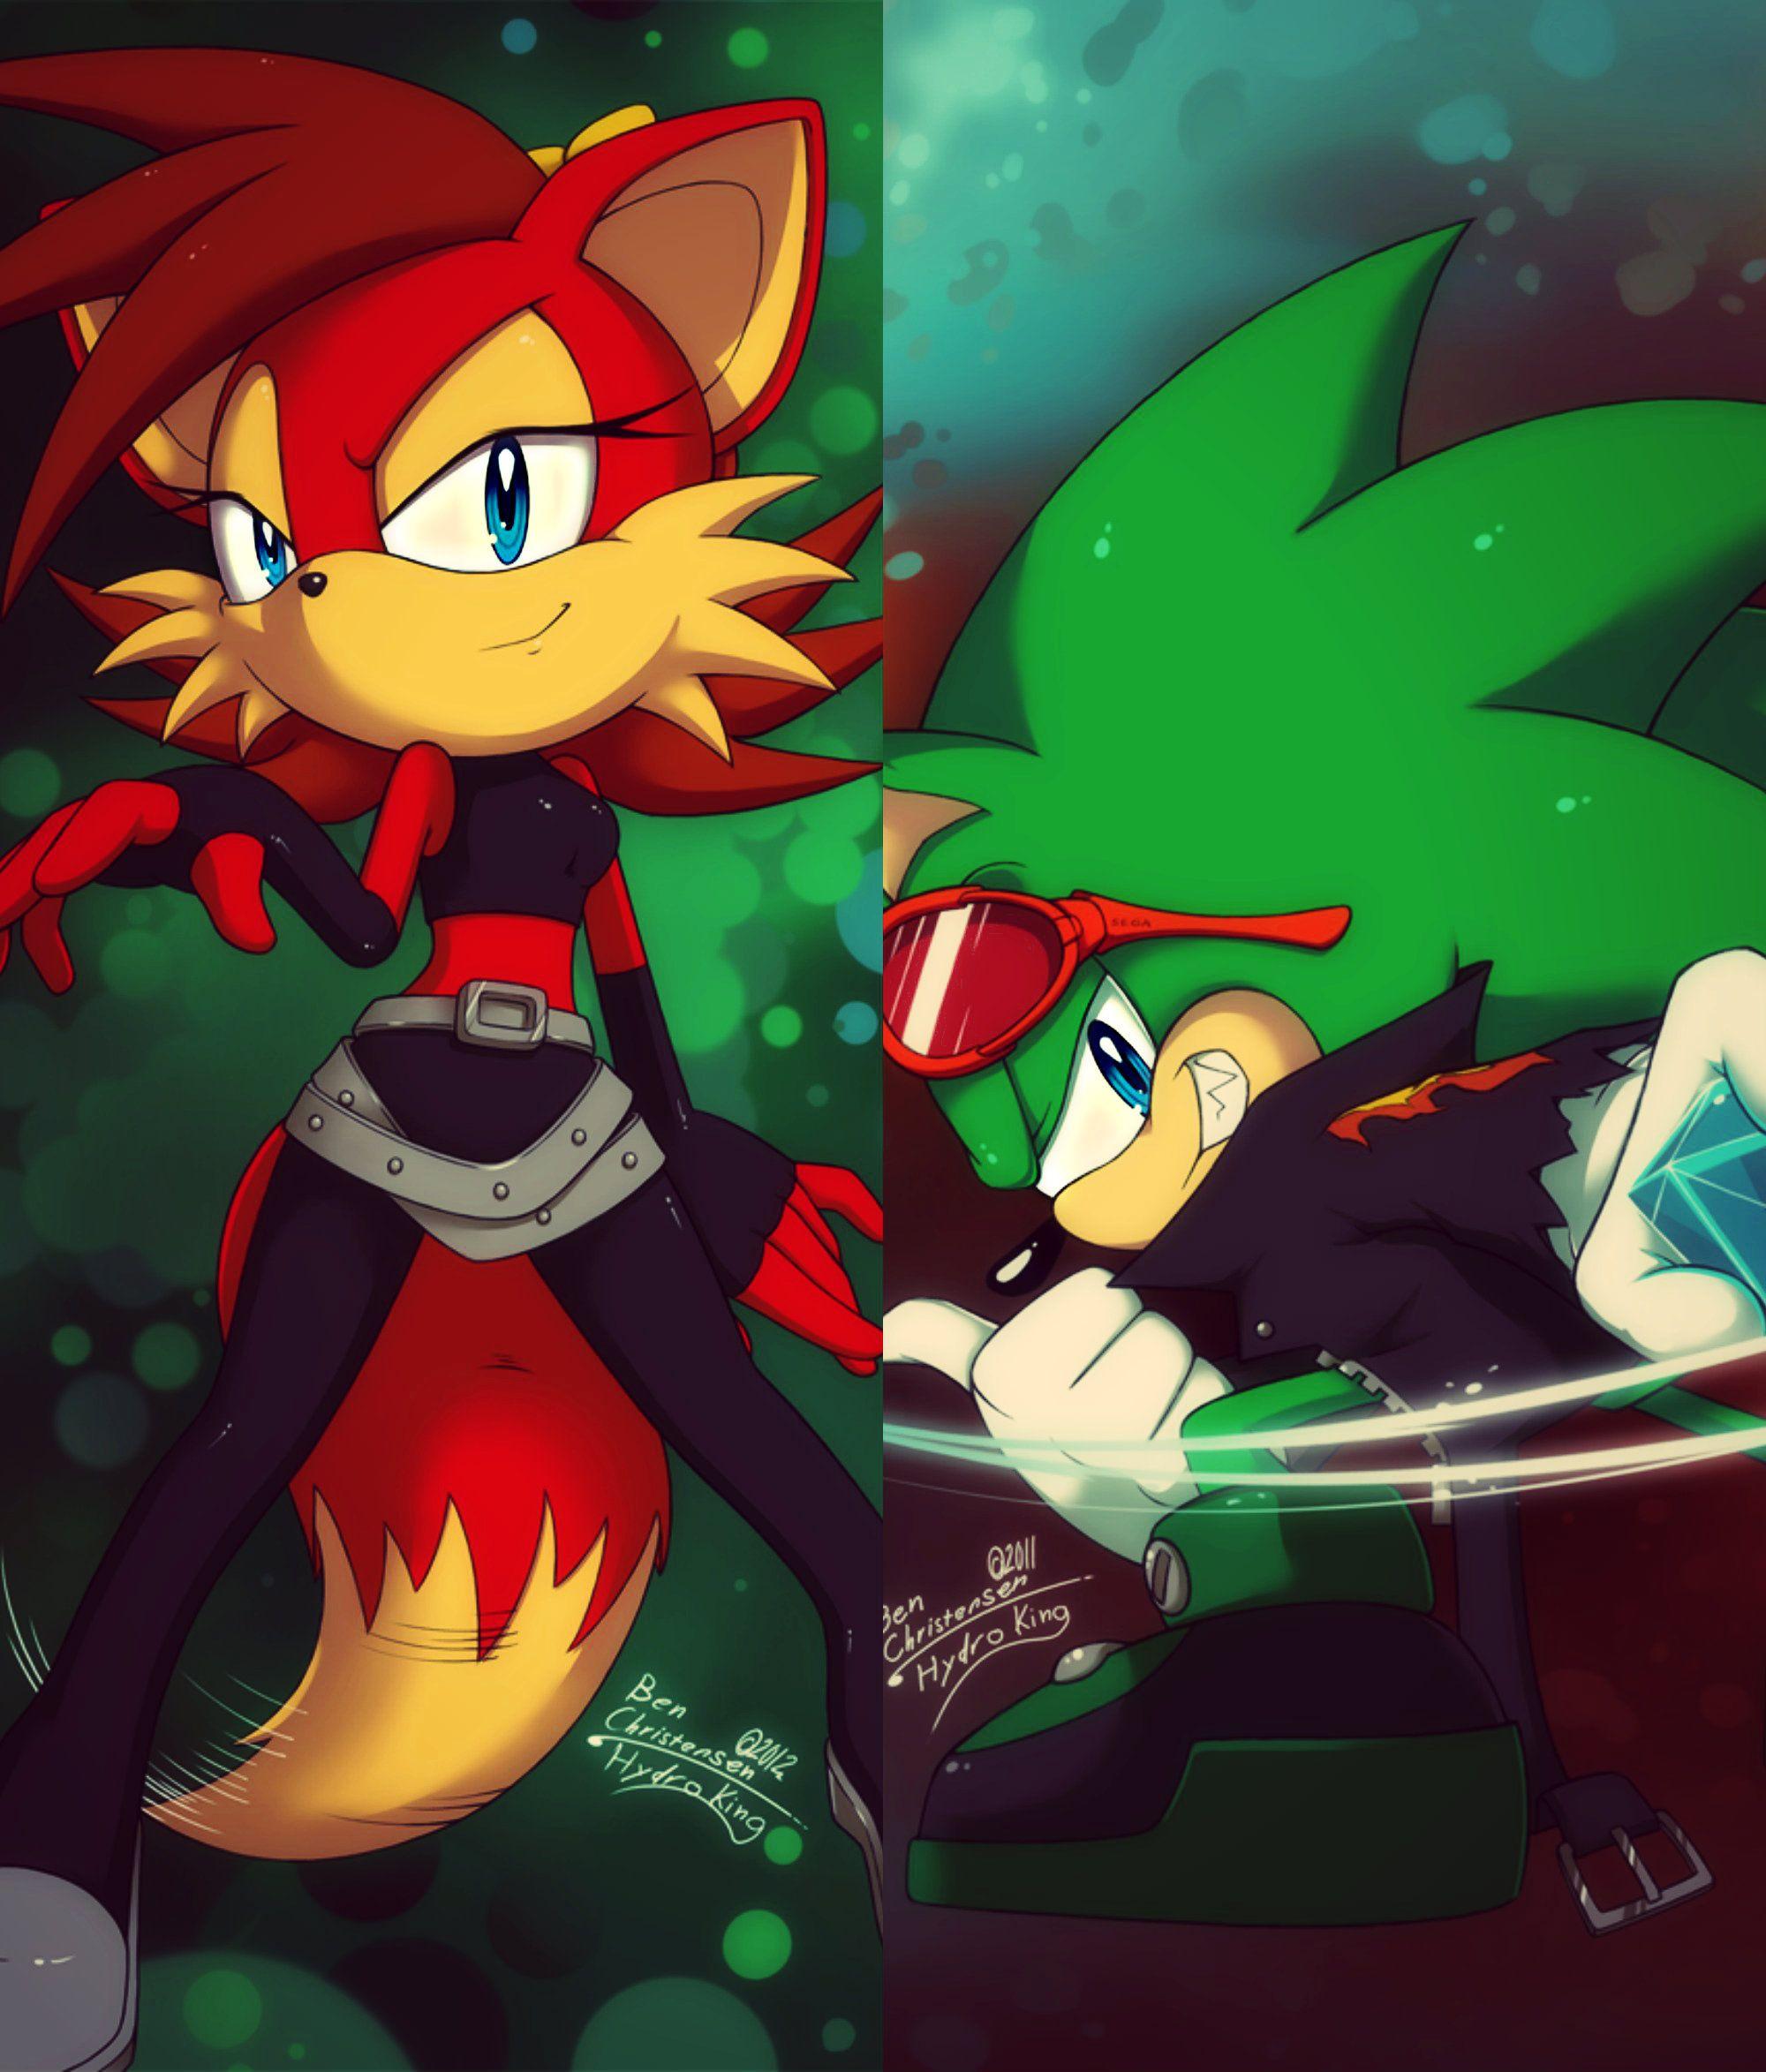 Fiona fox....diferentes formas | Sonic, Sonic art, Sonic fan art | 2347x2000